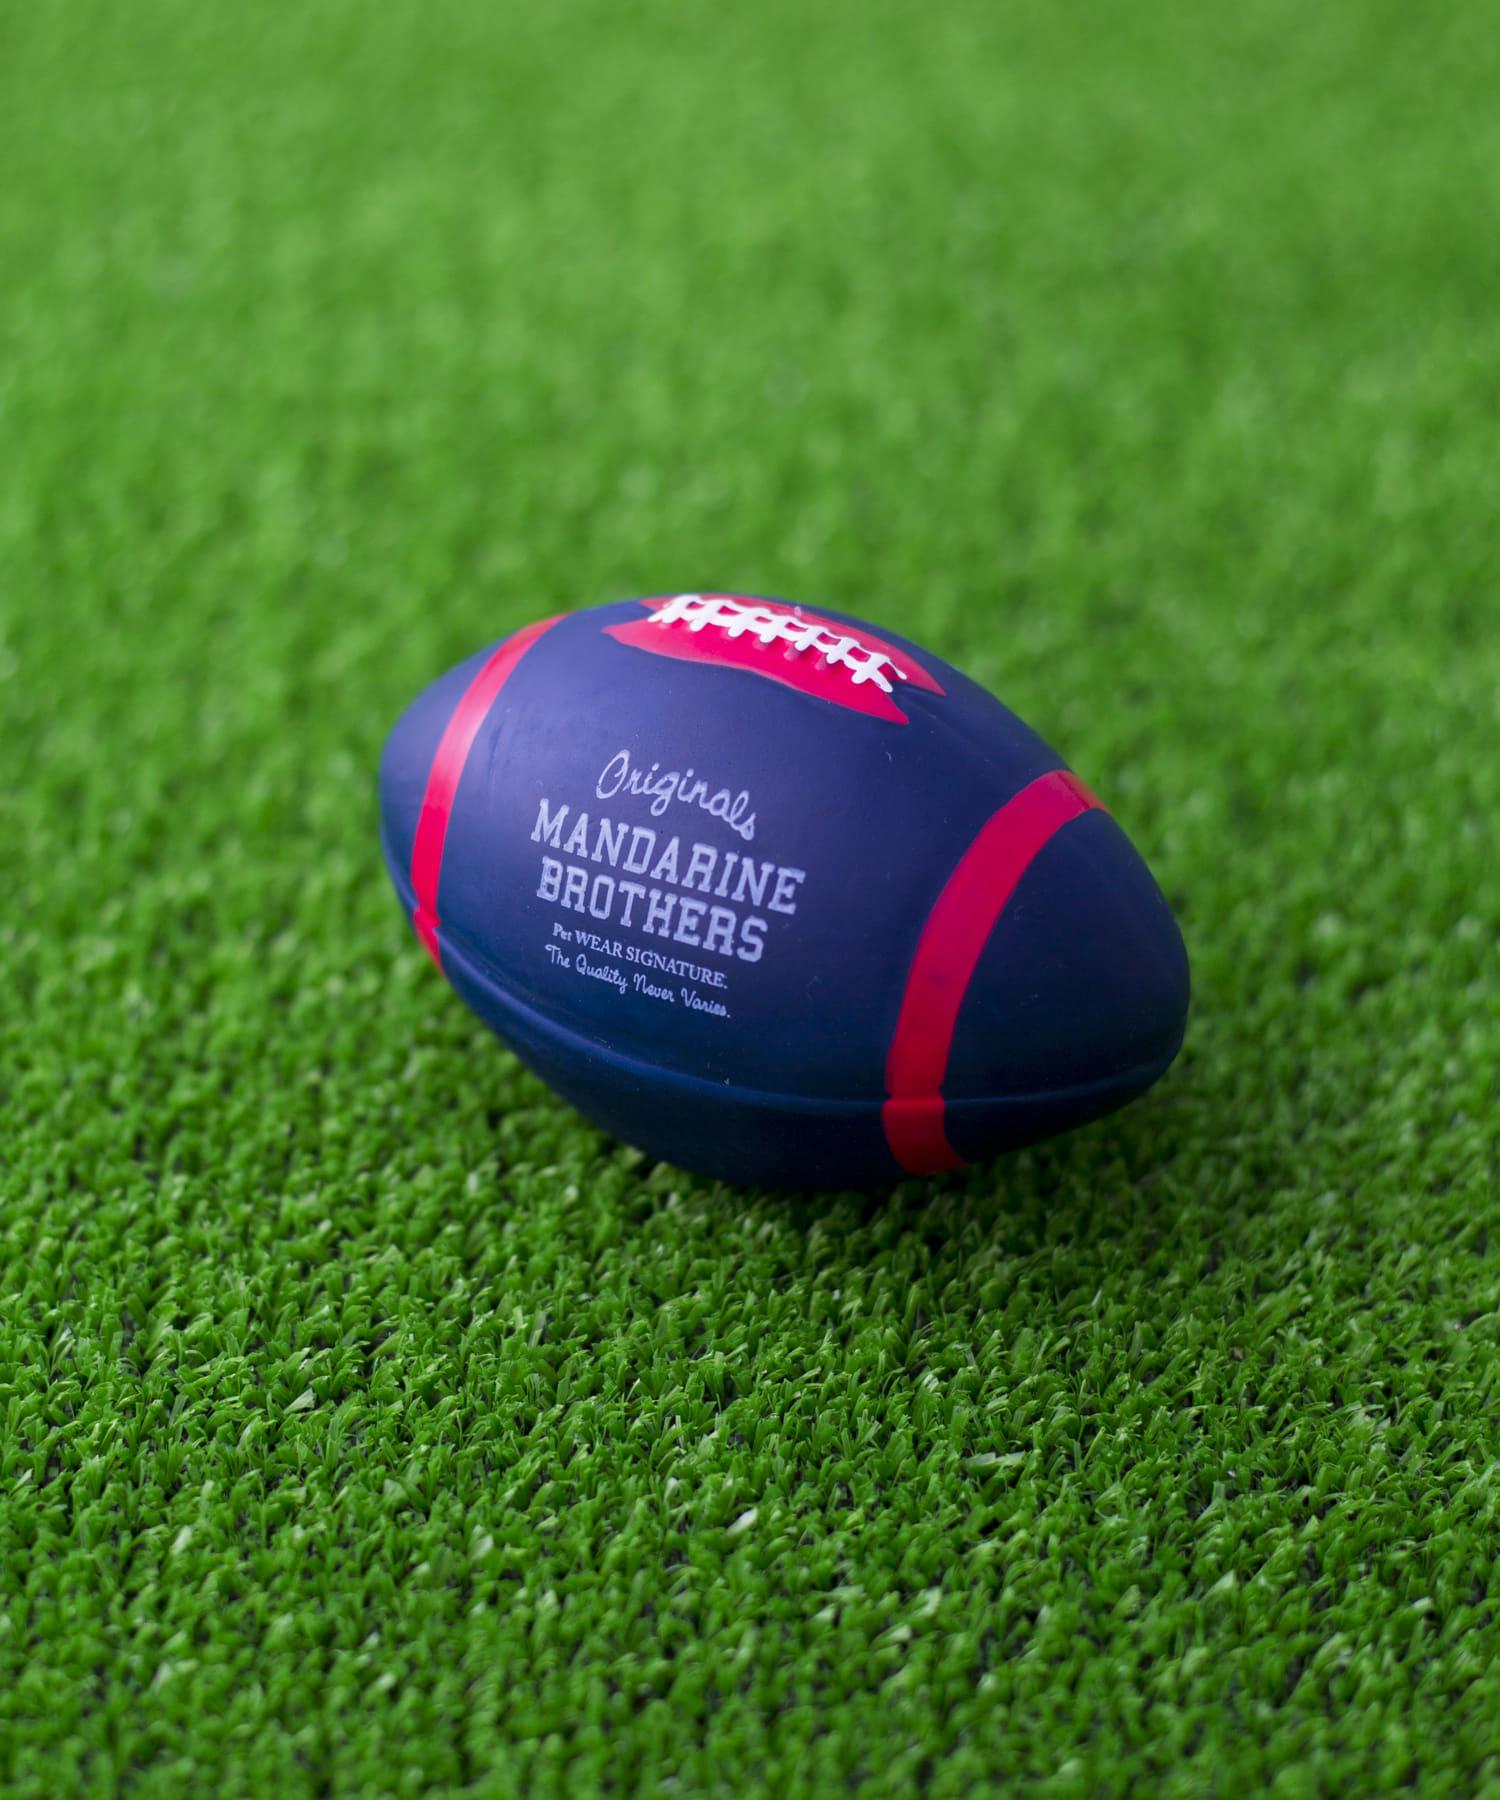 prose verse(プロズヴェール) prose verse(プロズヴェール) 【MANDARINE BROTHERS】ラテックスアメリカンフットボールトイ ネイビー